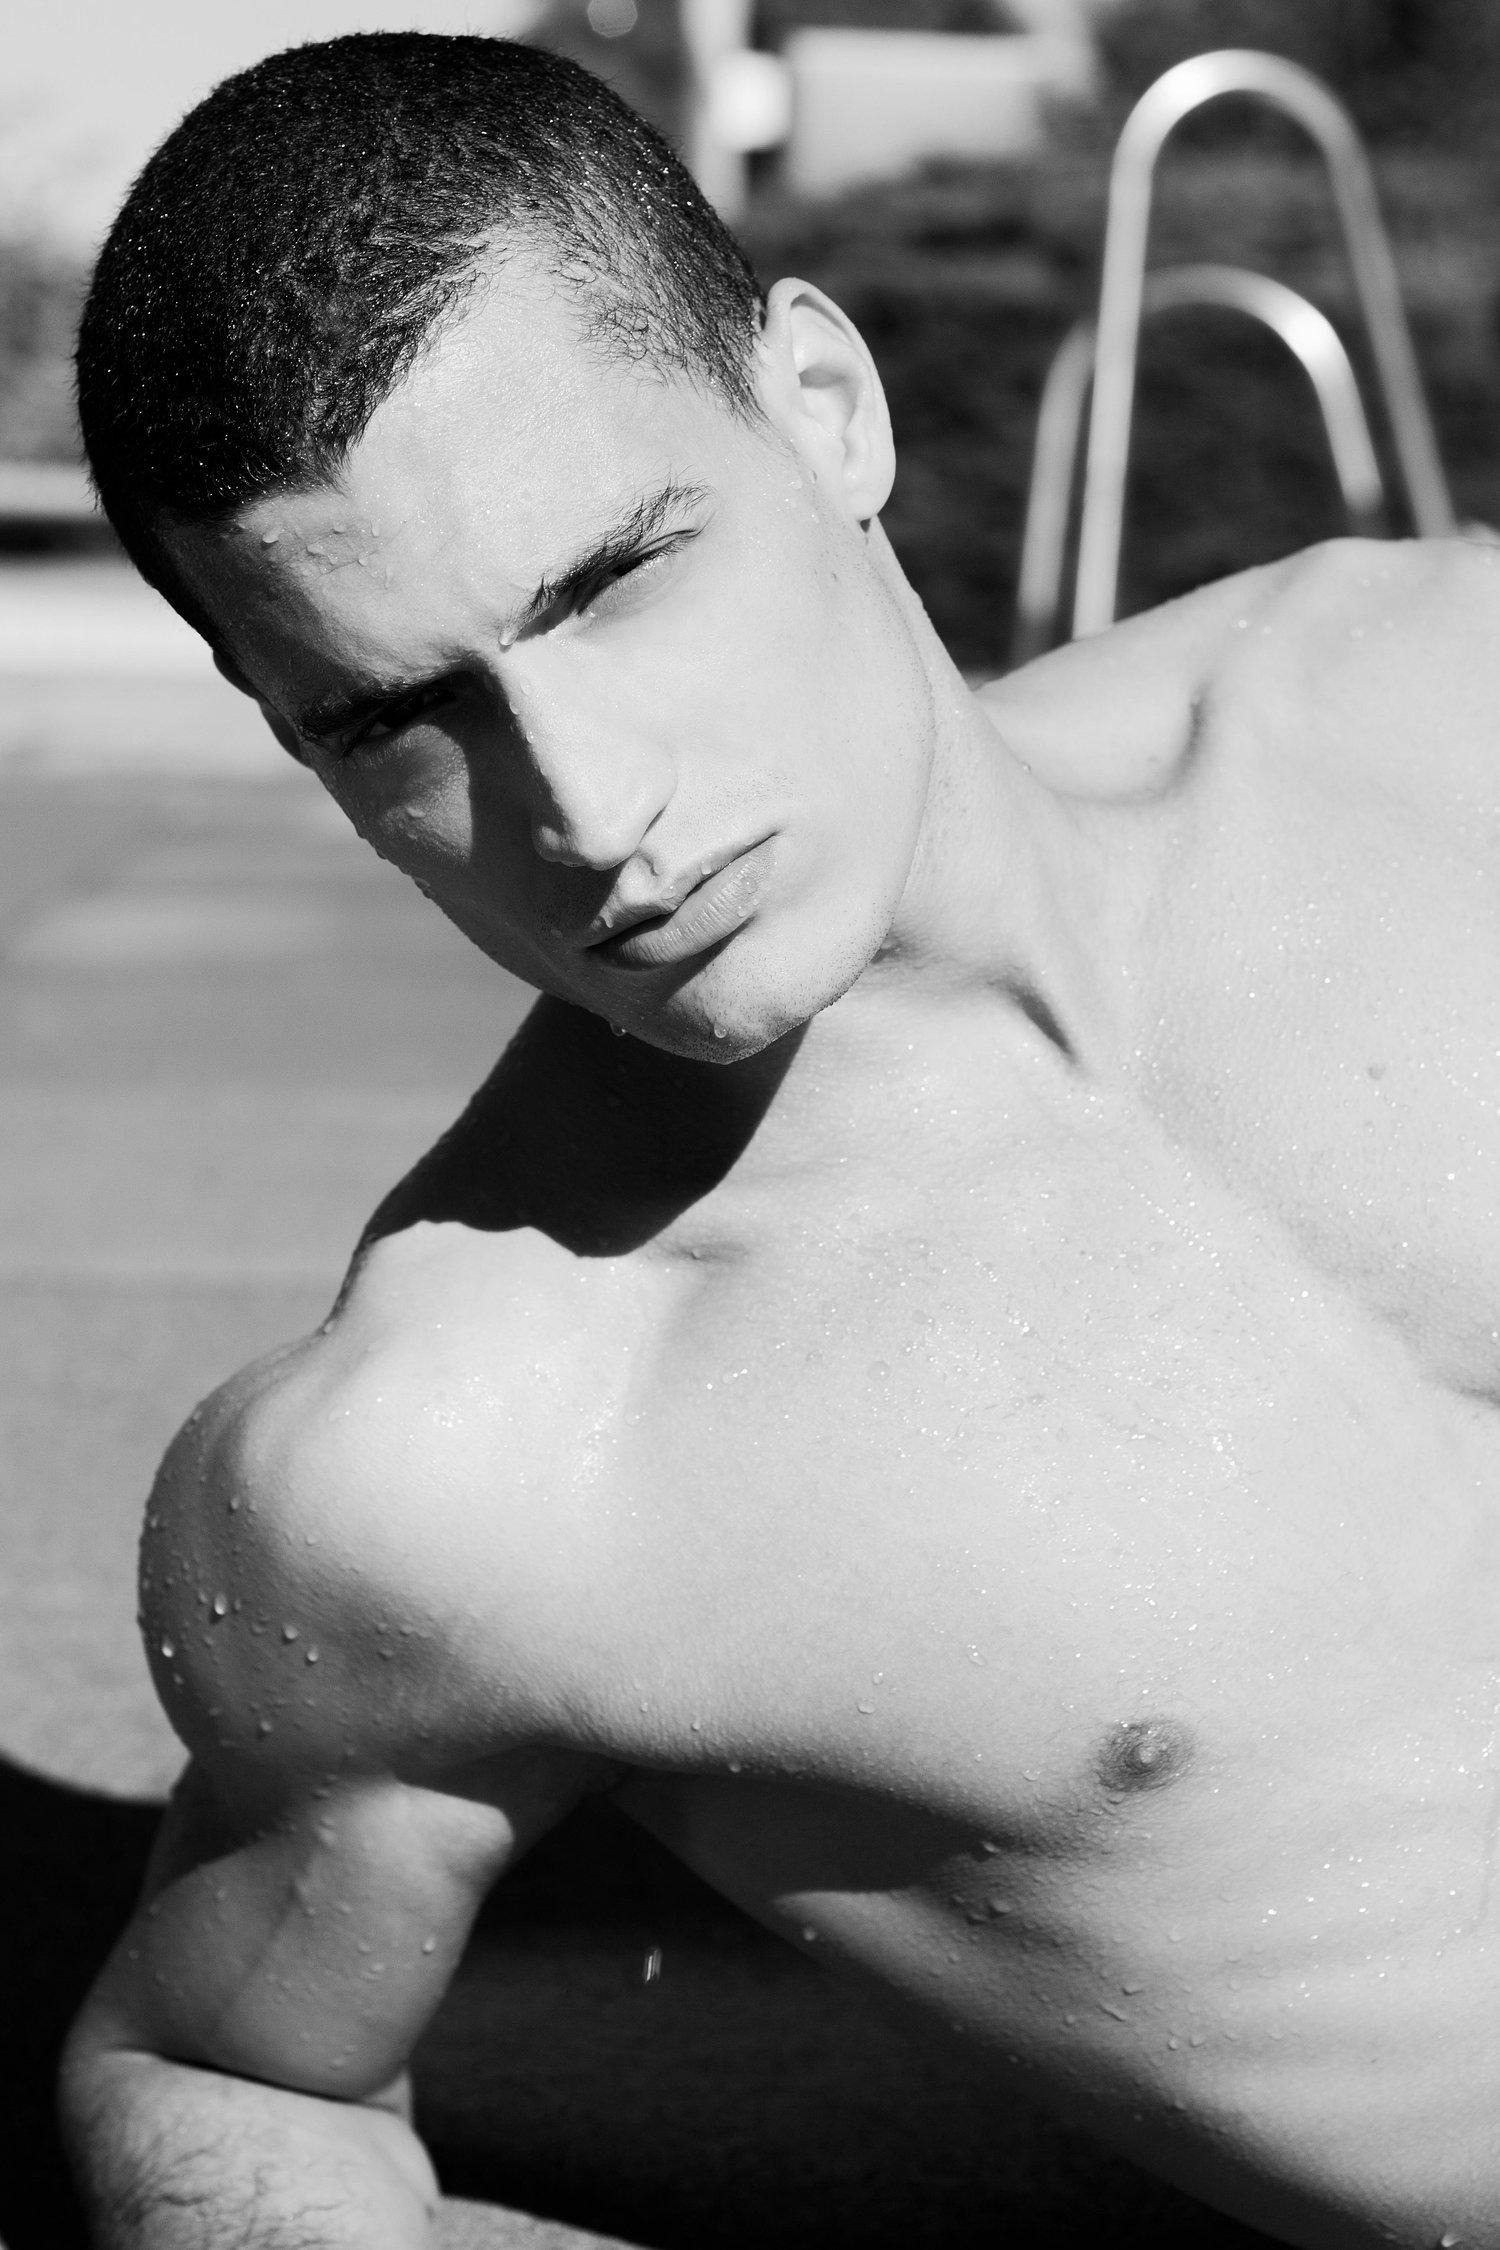 Adon Exclusive: Model Kevin Staedler By Diana Kottmann